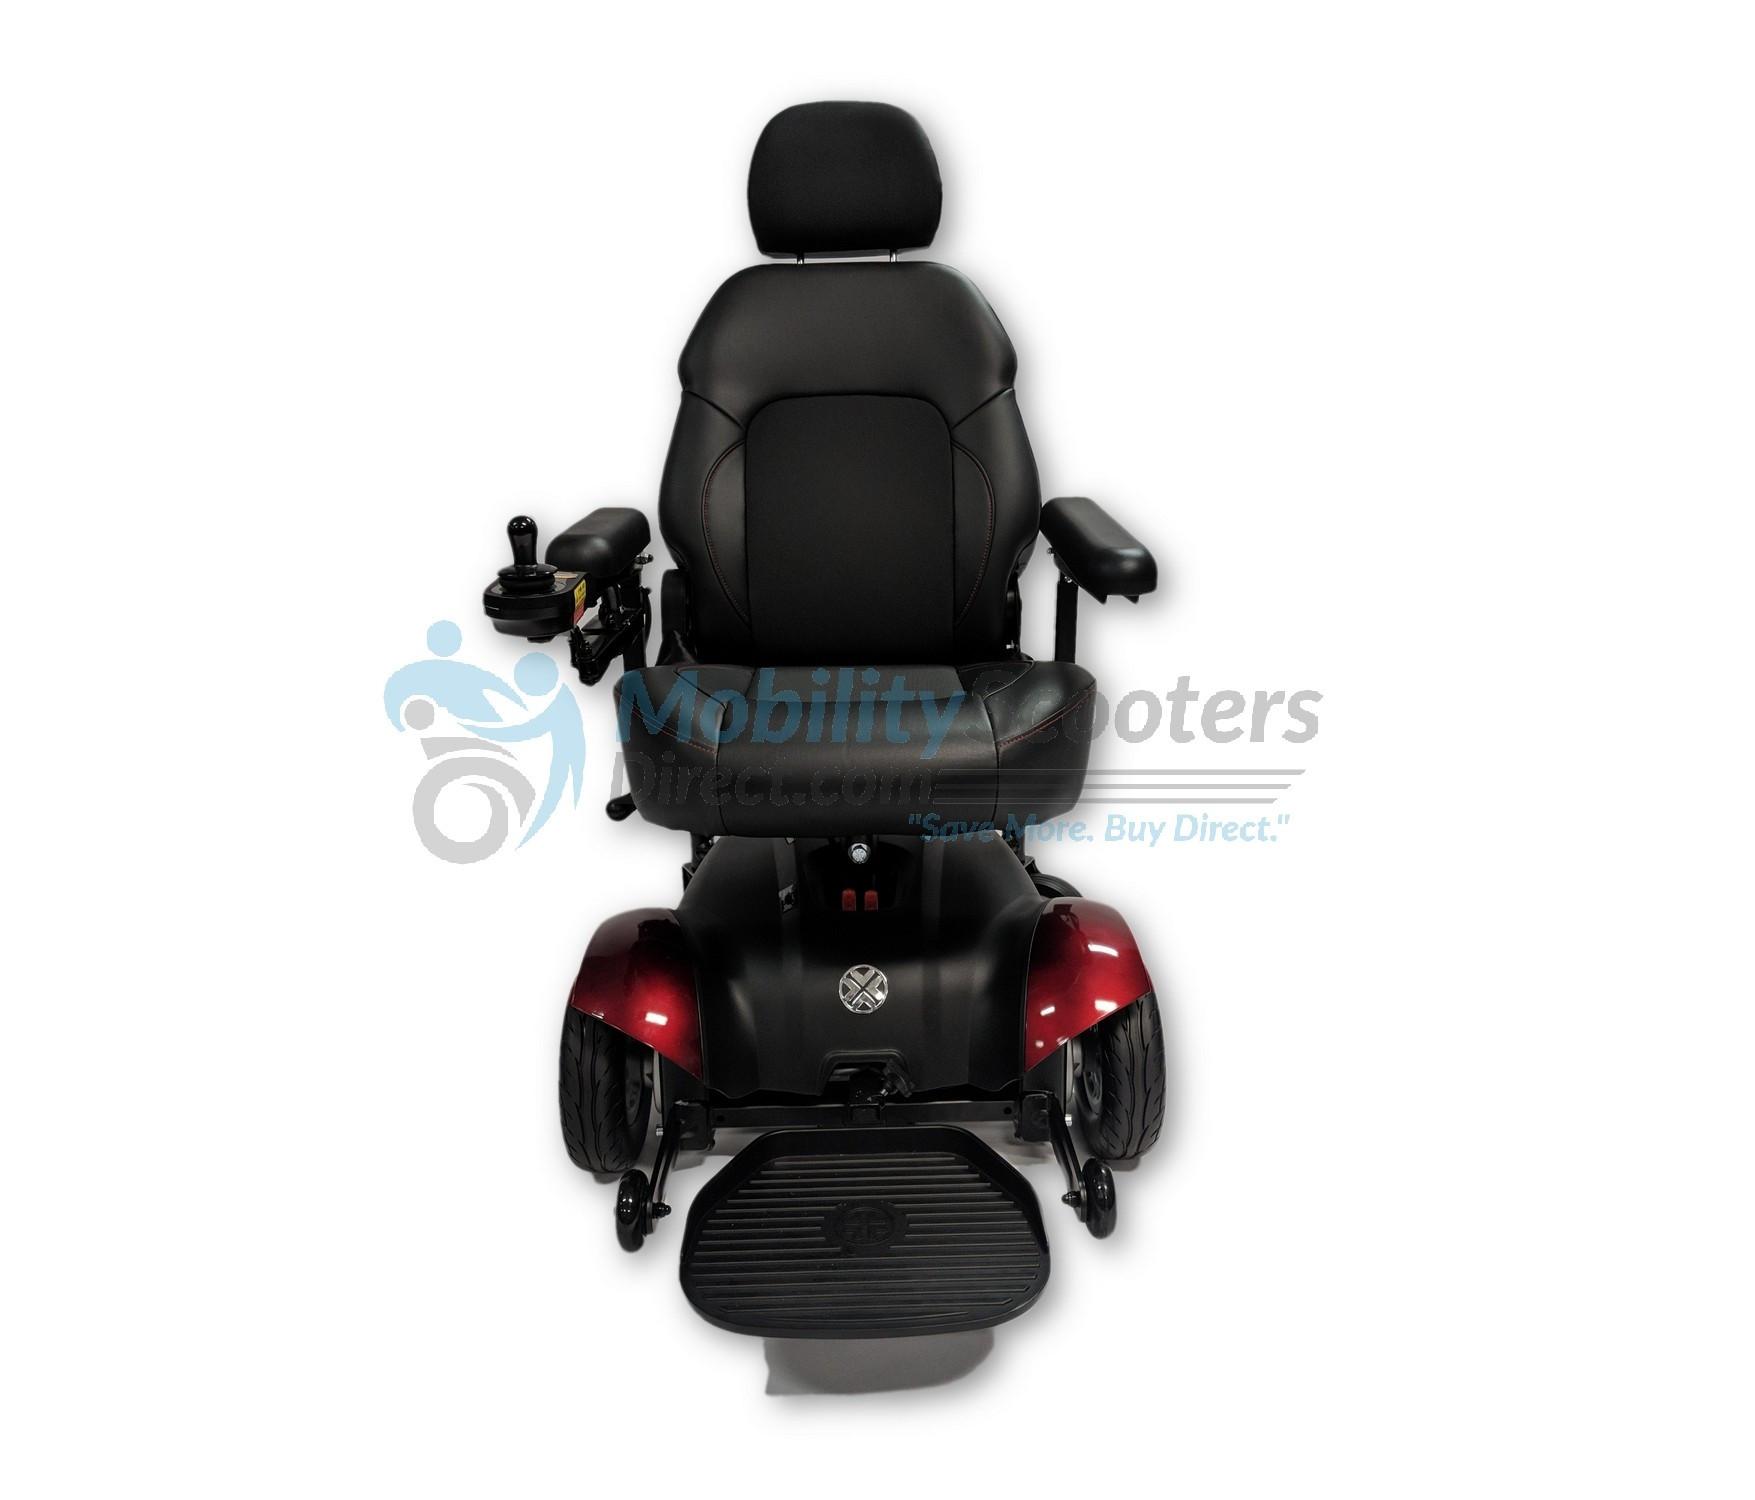 merits power chair emil j paidar barber 1959 health p318 vision cf wheelchair lowest